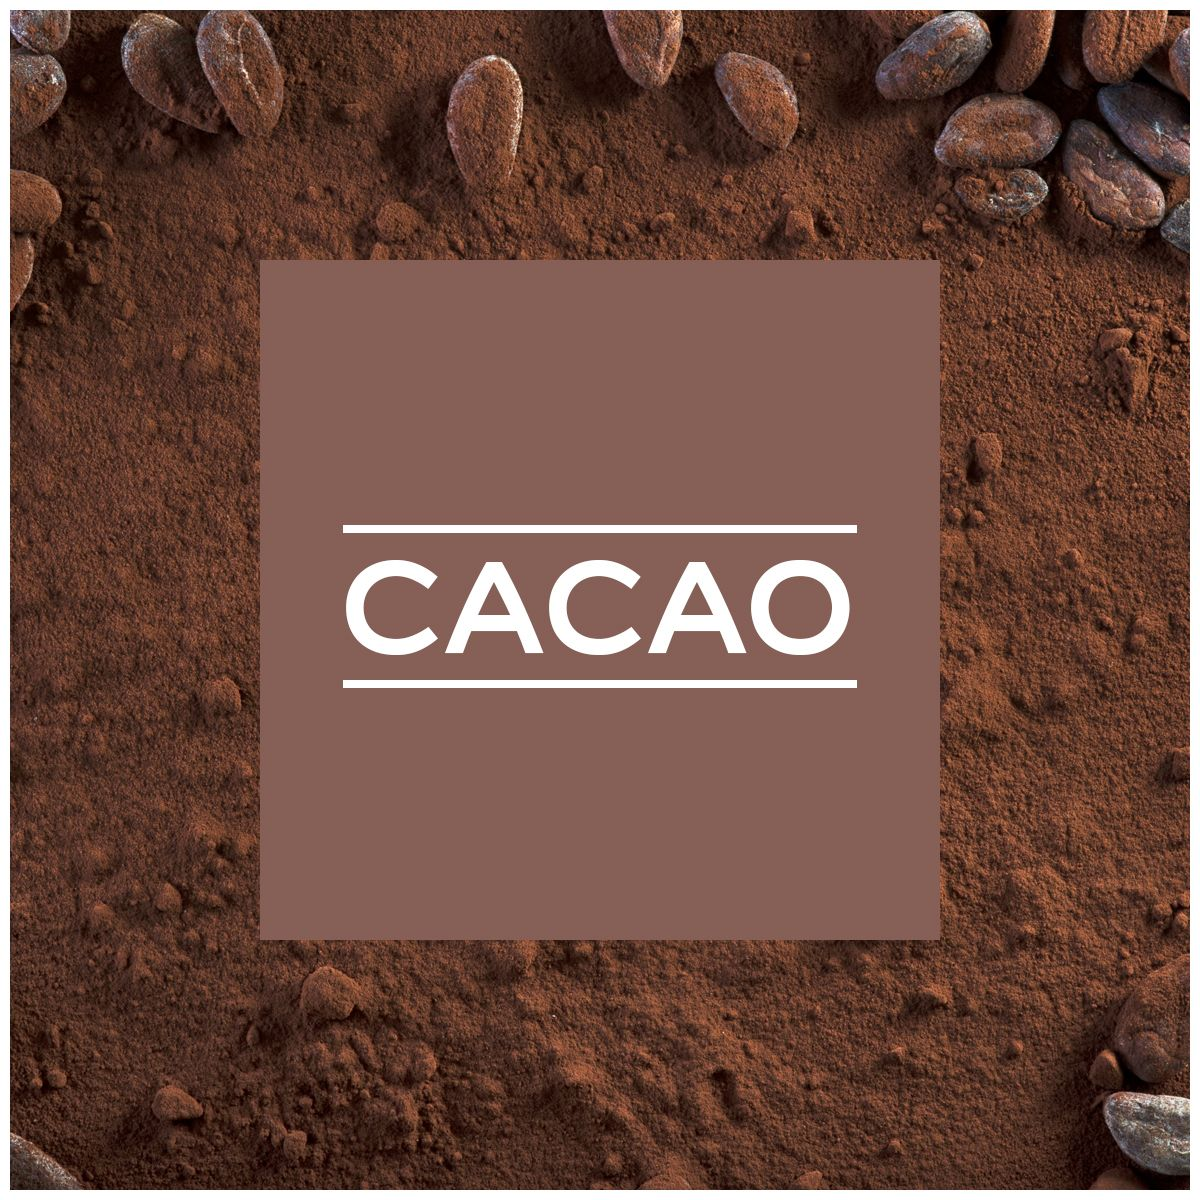 Nuancier Couleur Chocolat intérieur couleur cacao et chocolat dulux valentine | couleurs gourmandes